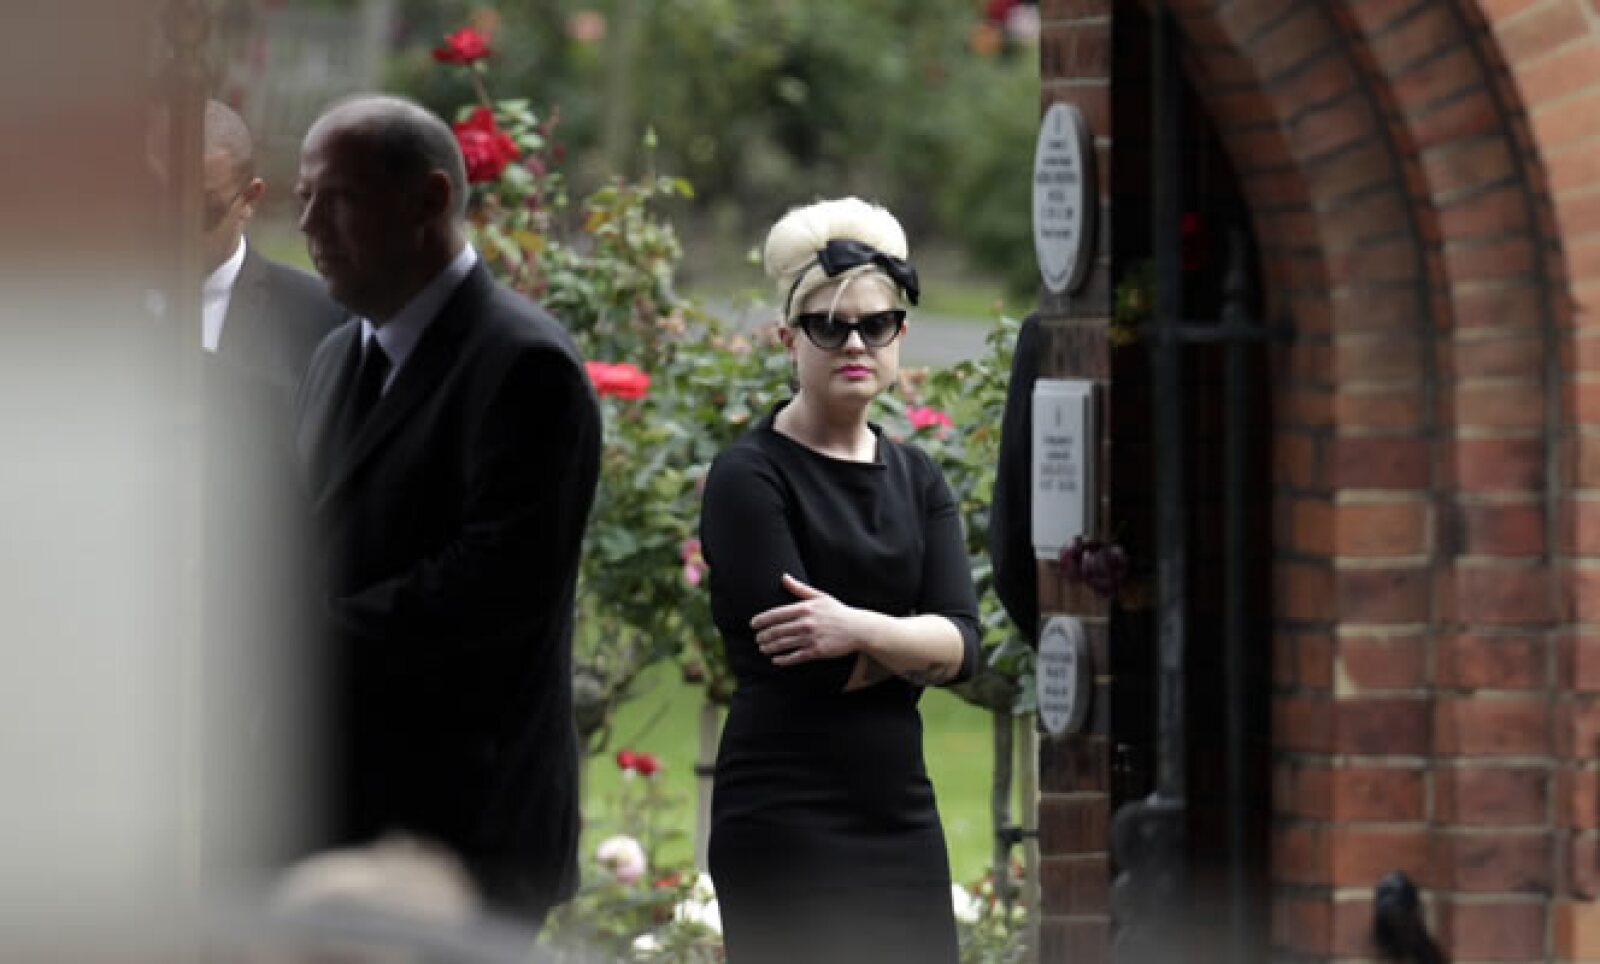 La conductora de televisión Kelly Osbourne, con un peinado batido en el estilo característico de la cantante, fue una de las asistentes al cementerio de Edgwarebury.